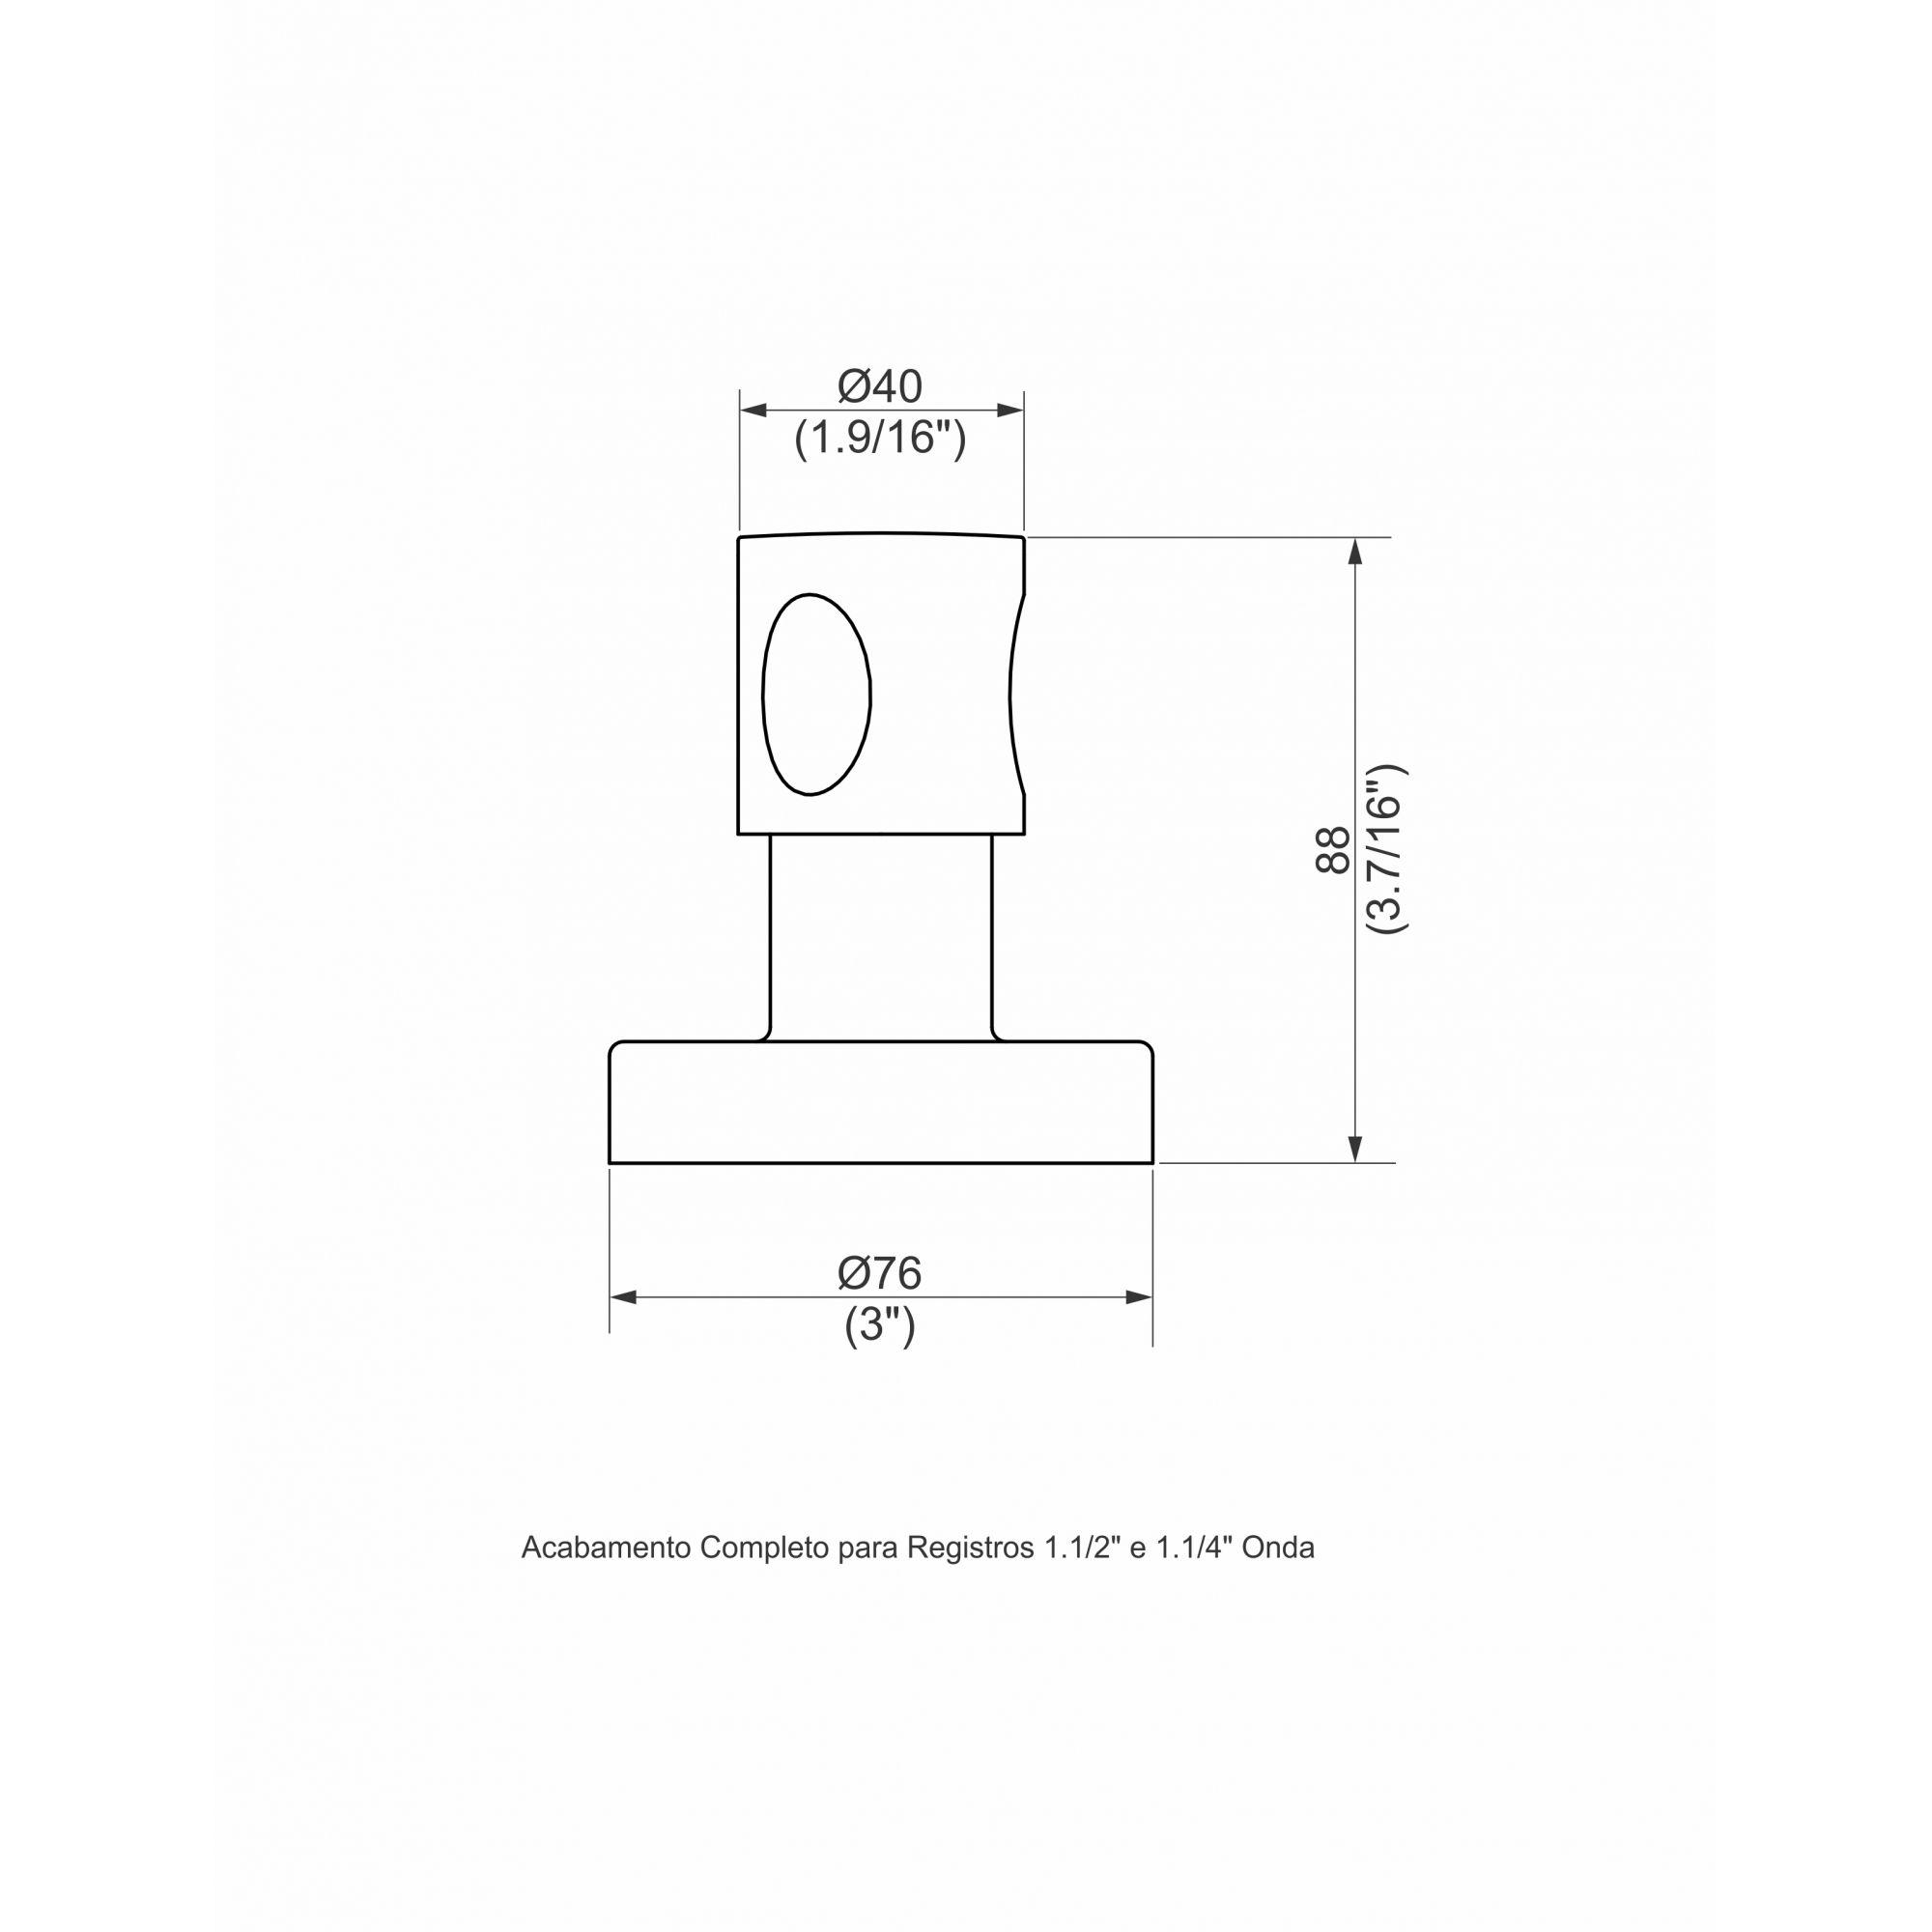 ACABAMENTO PARA REGISTRO 1/1.2 ONDA CROMADO 1162.4110 - PERFLEX